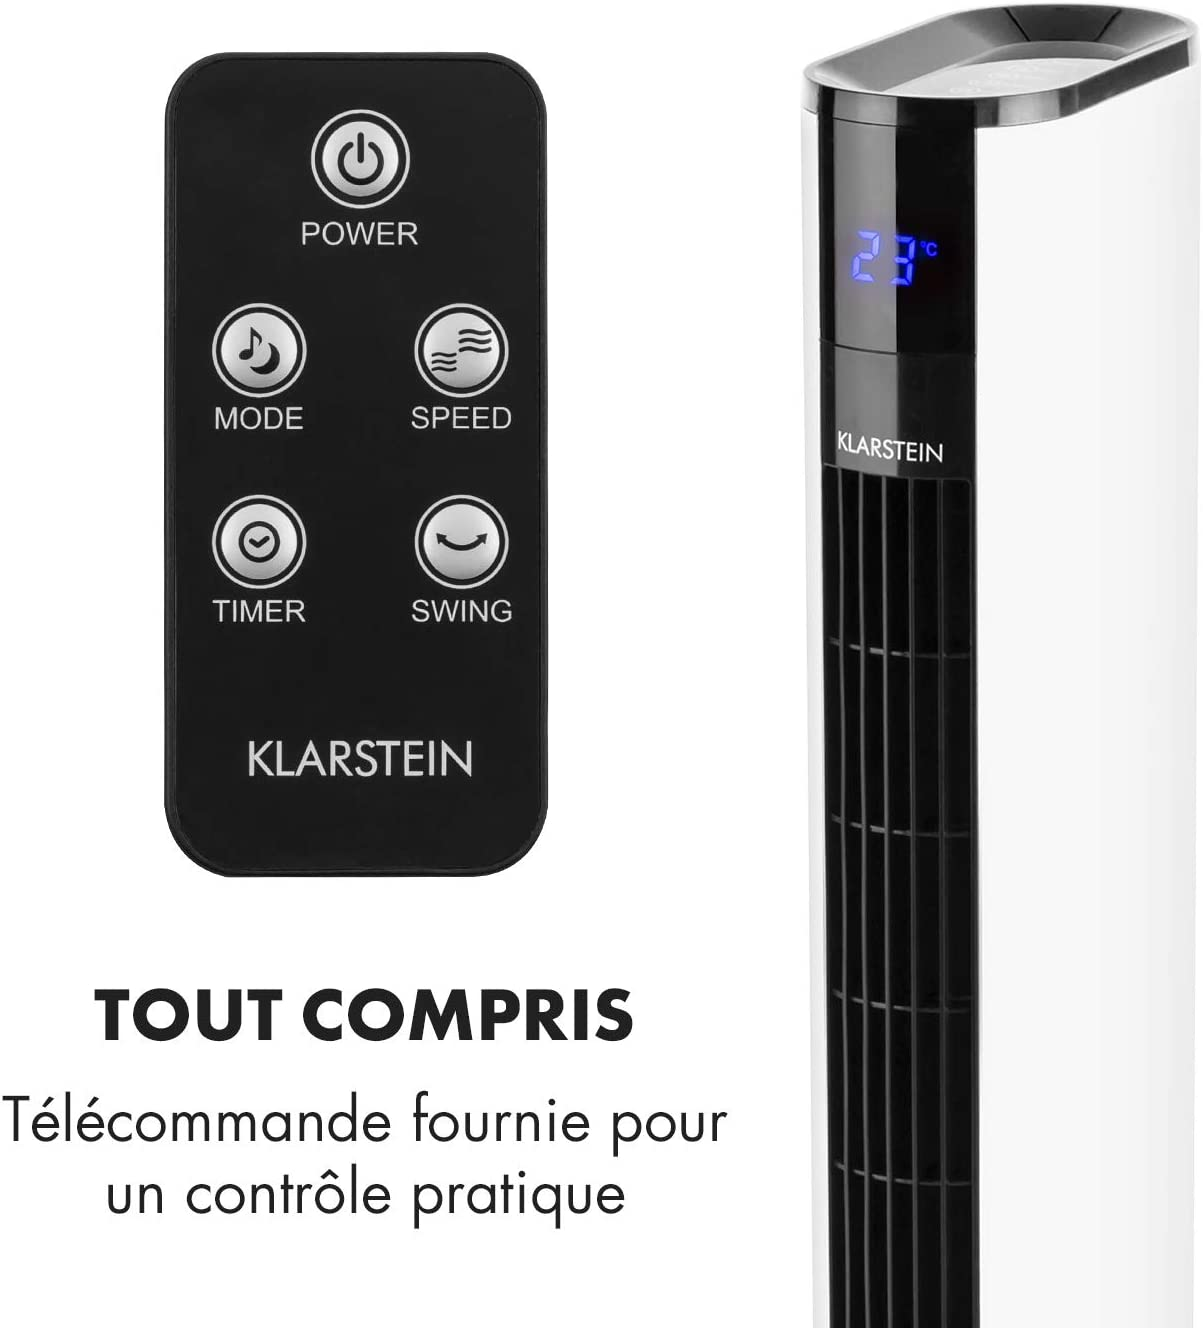 Affichage temp/érature Panneau Tactile 3 Vitesses 3 Modes Ventaliteur Tour Ventilateur sur Pied T/él/écommande Oscillation 90/°C KLARSTEIN Skyscrapper 3G Rouge